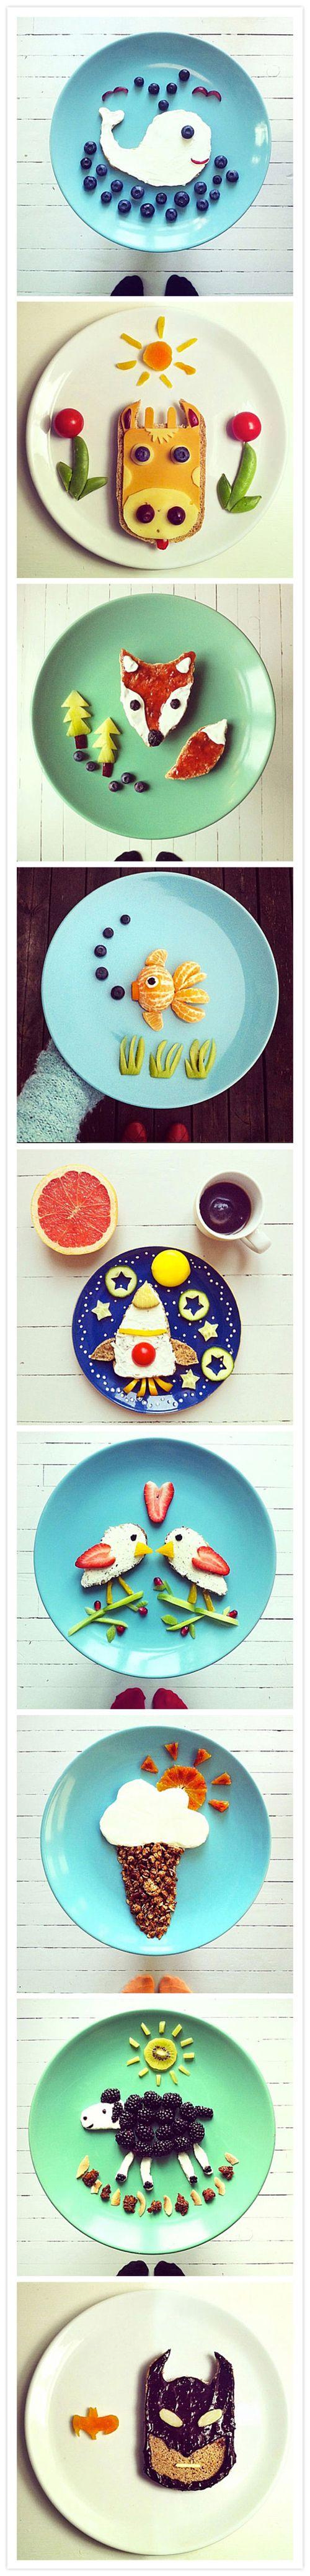 Frühstücks- und Snackideen